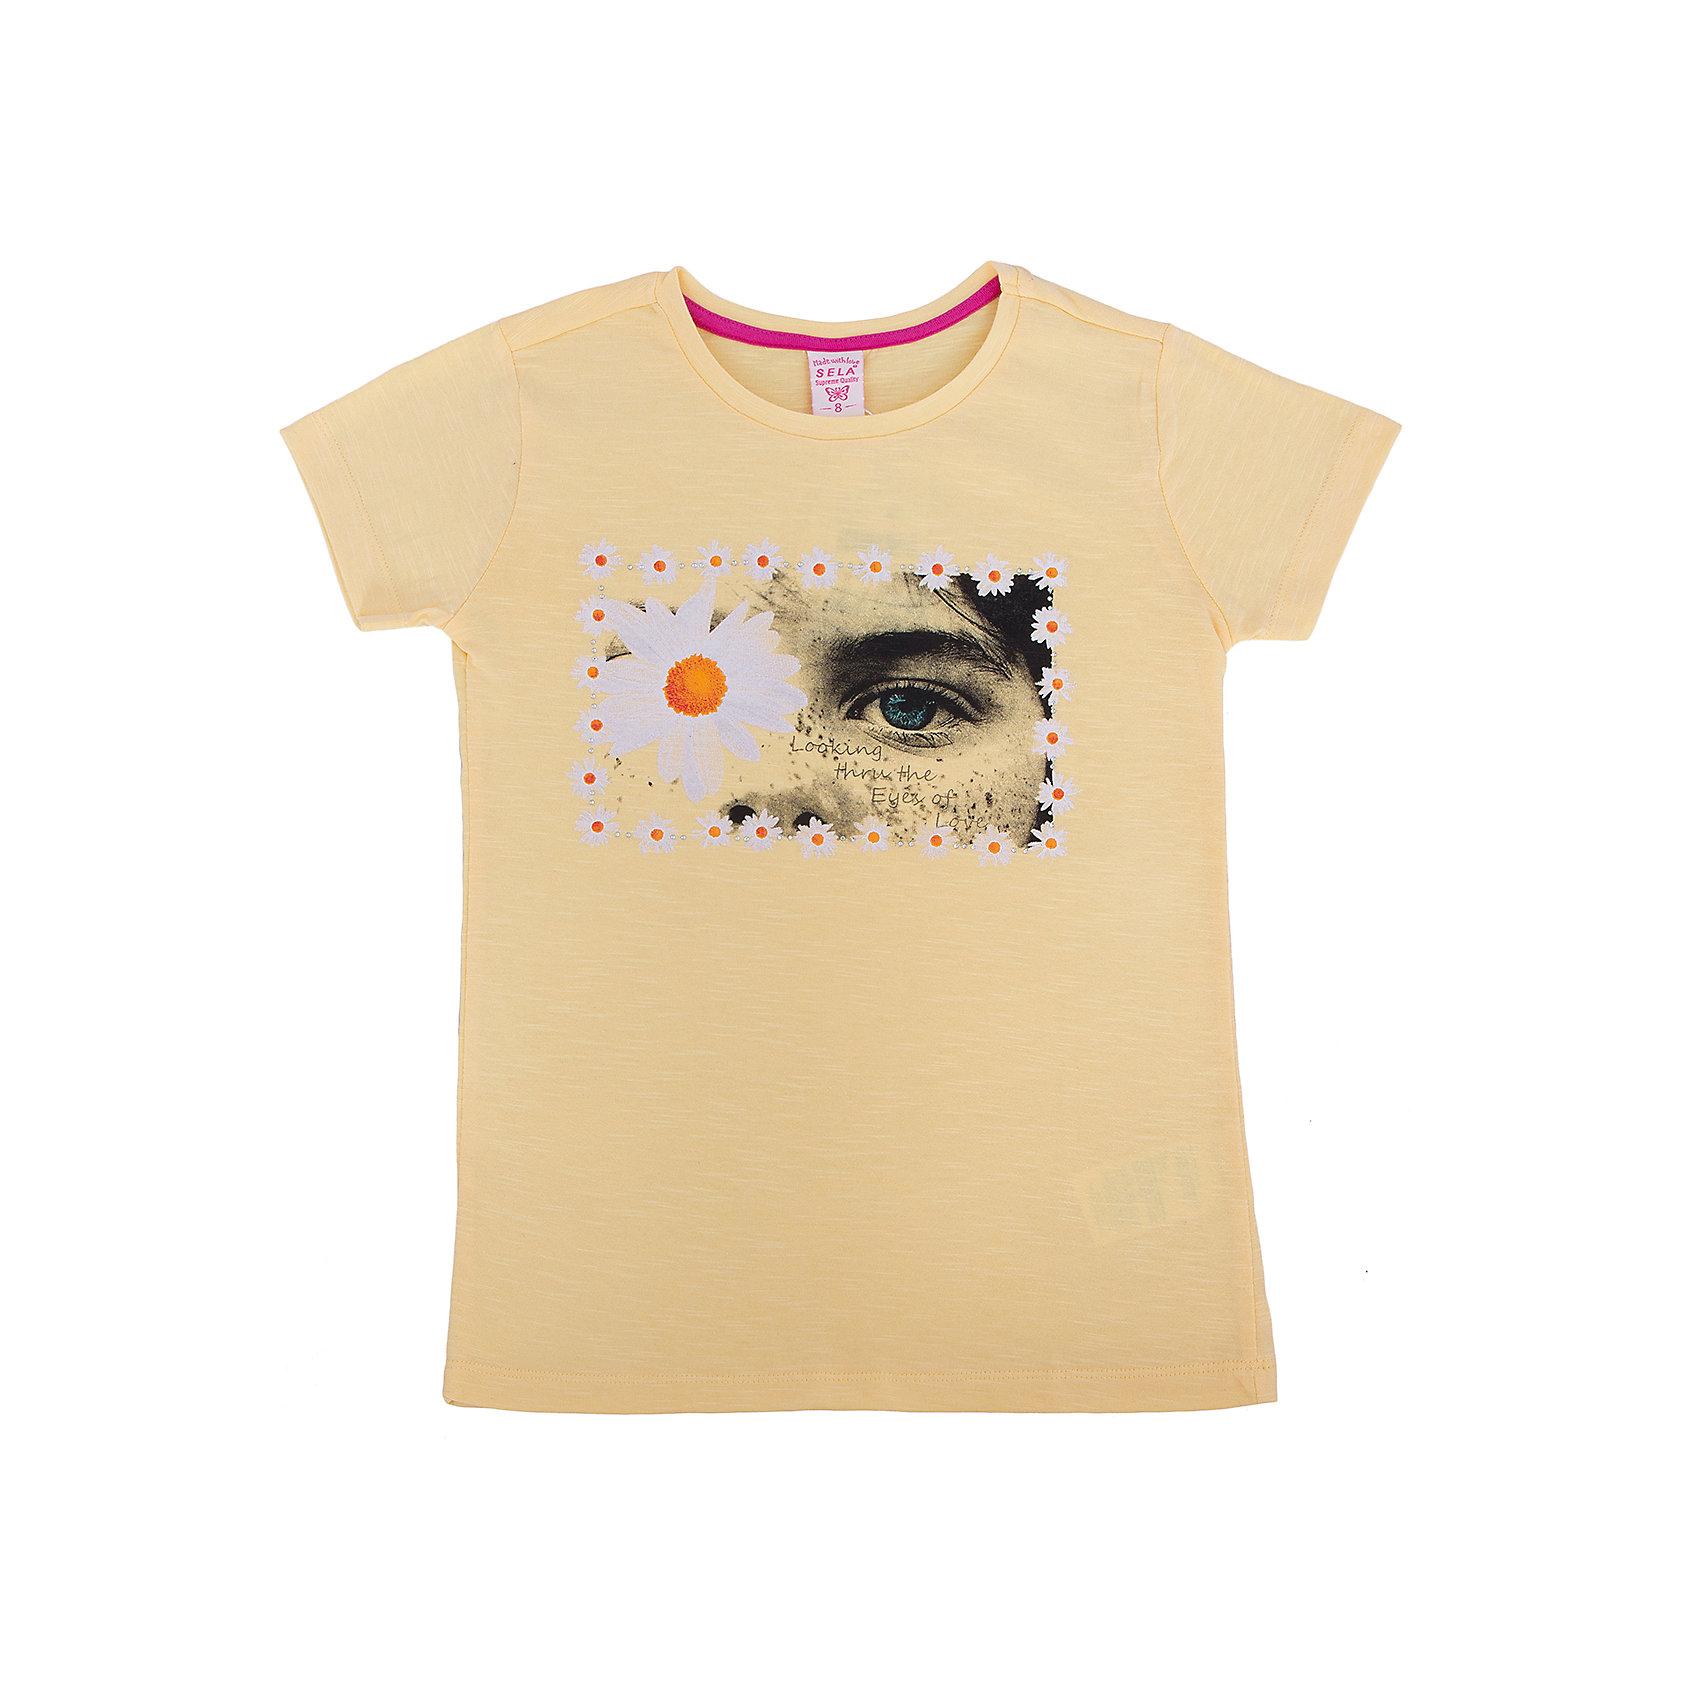 Футболка для девочки SELAФутболки, поло и топы<br>Модная футболка для девочки от популярного бренда SELA. Изделие выполнено из натурального гипоаллергенного трикотажа, очень мягкого, дышащего и приятного к телу, и обладает следующими особенностями:<br>- желтый цвет, эффектный принт на груди;<br>- эластичная отделка горловины;<br>- комфортный крой, гарантирующий свободу движений;<br>- базовая модель.<br>Великолепный выбор для активного лета!<br><br>Дополнительная информация:<br>- состав: 100% хлопок<br>- цвет: желтый + принт<br><br>Футболку для девочки SELA (СЕЛА) можно купить в нашем магазине<br><br>Ширина мм: 230<br>Глубина мм: 40<br>Высота мм: 220<br>Вес г: 250<br>Цвет: желтый<br>Возраст от месяцев: 108<br>Возраст до месяцев: 120<br>Пол: Женский<br>Возраст: Детский<br>Размер: 140,134,146,152,122,116,128<br>SKU: 4741133